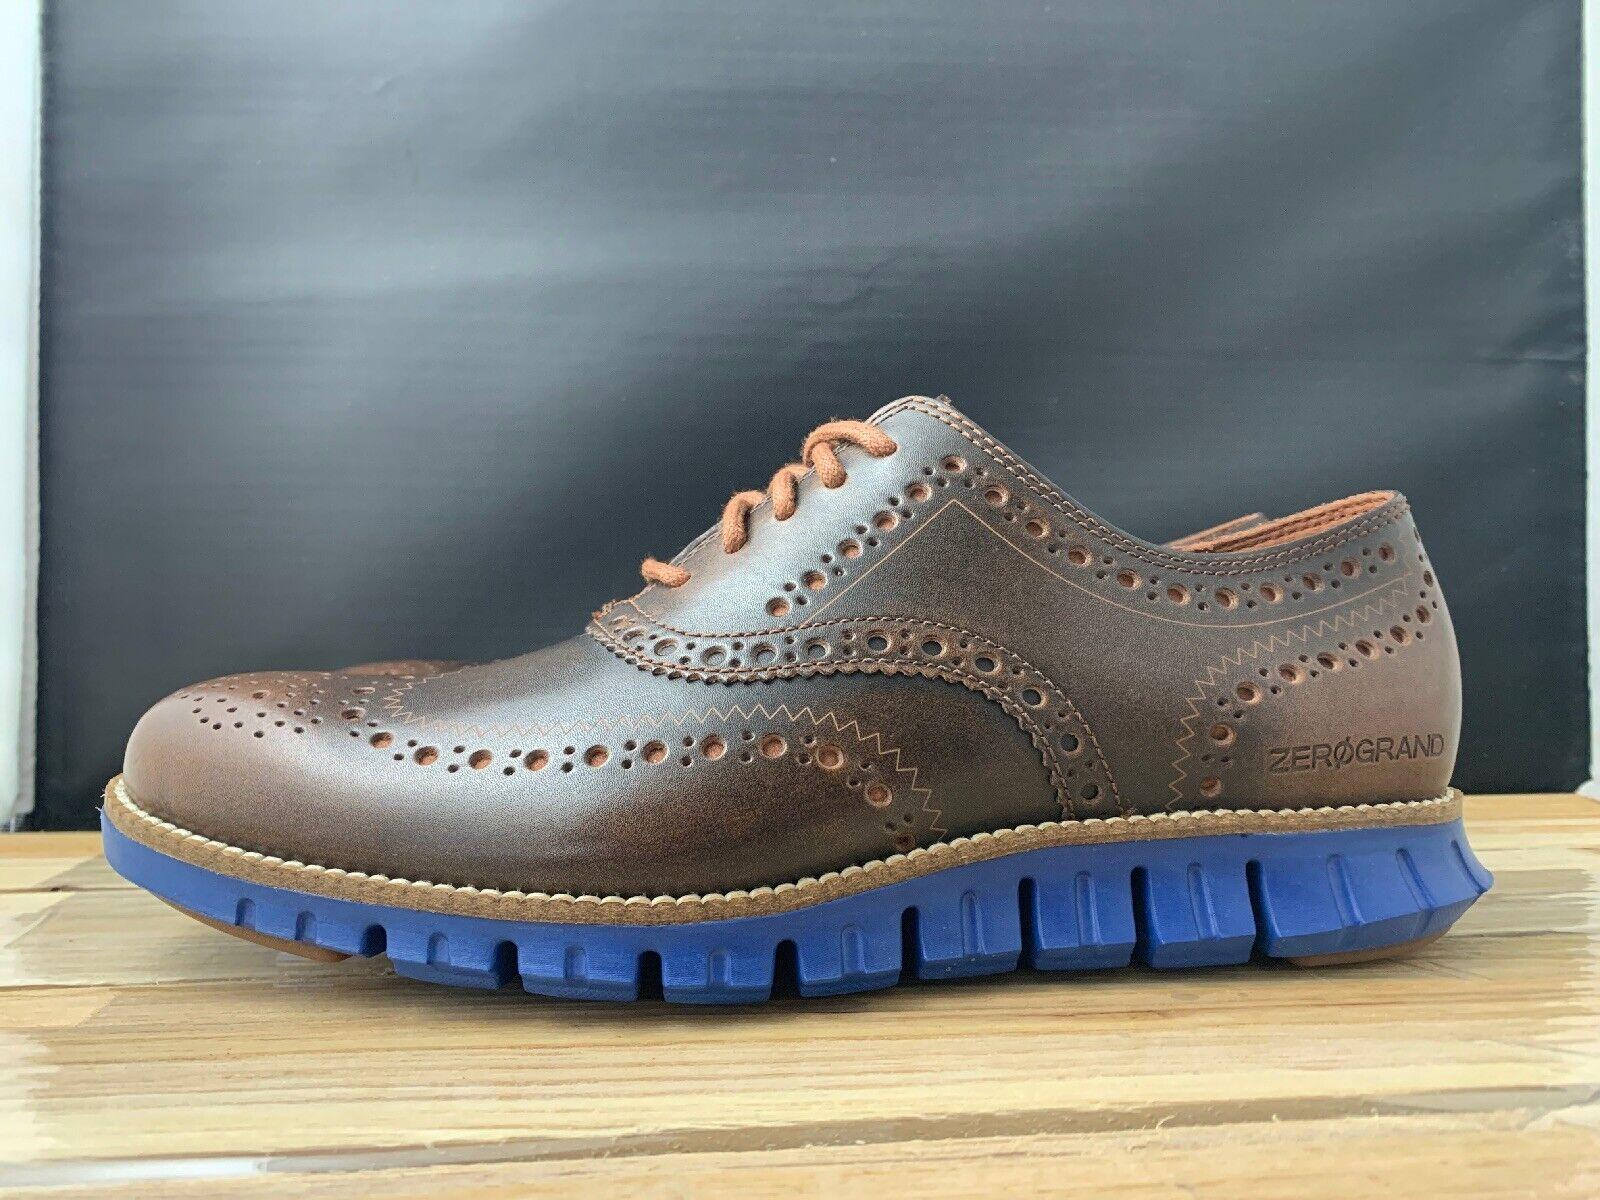 Cole Haan Para Hombre Oxfords marrón Woodbury ZEROGRAND punta del ala azul C26207 Talla 7